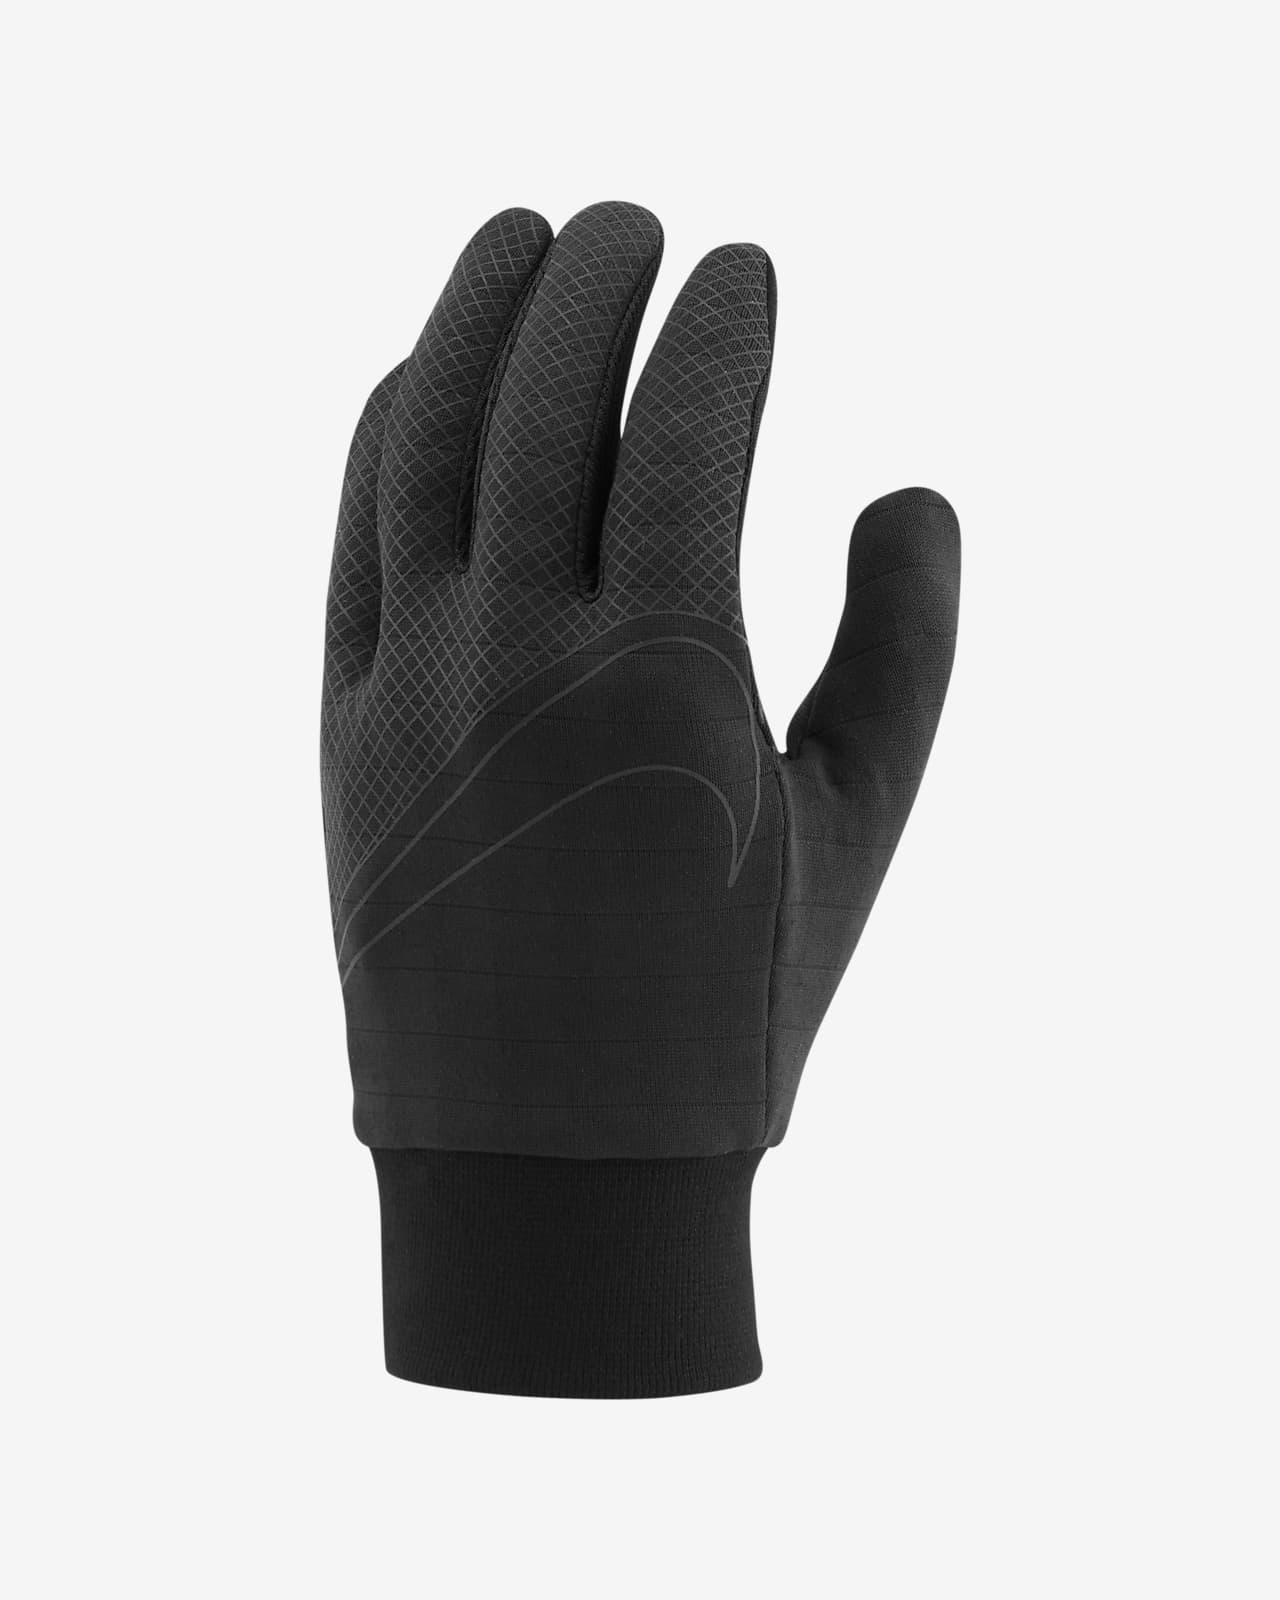 Nike Sphere 360 Men's Running Gloves